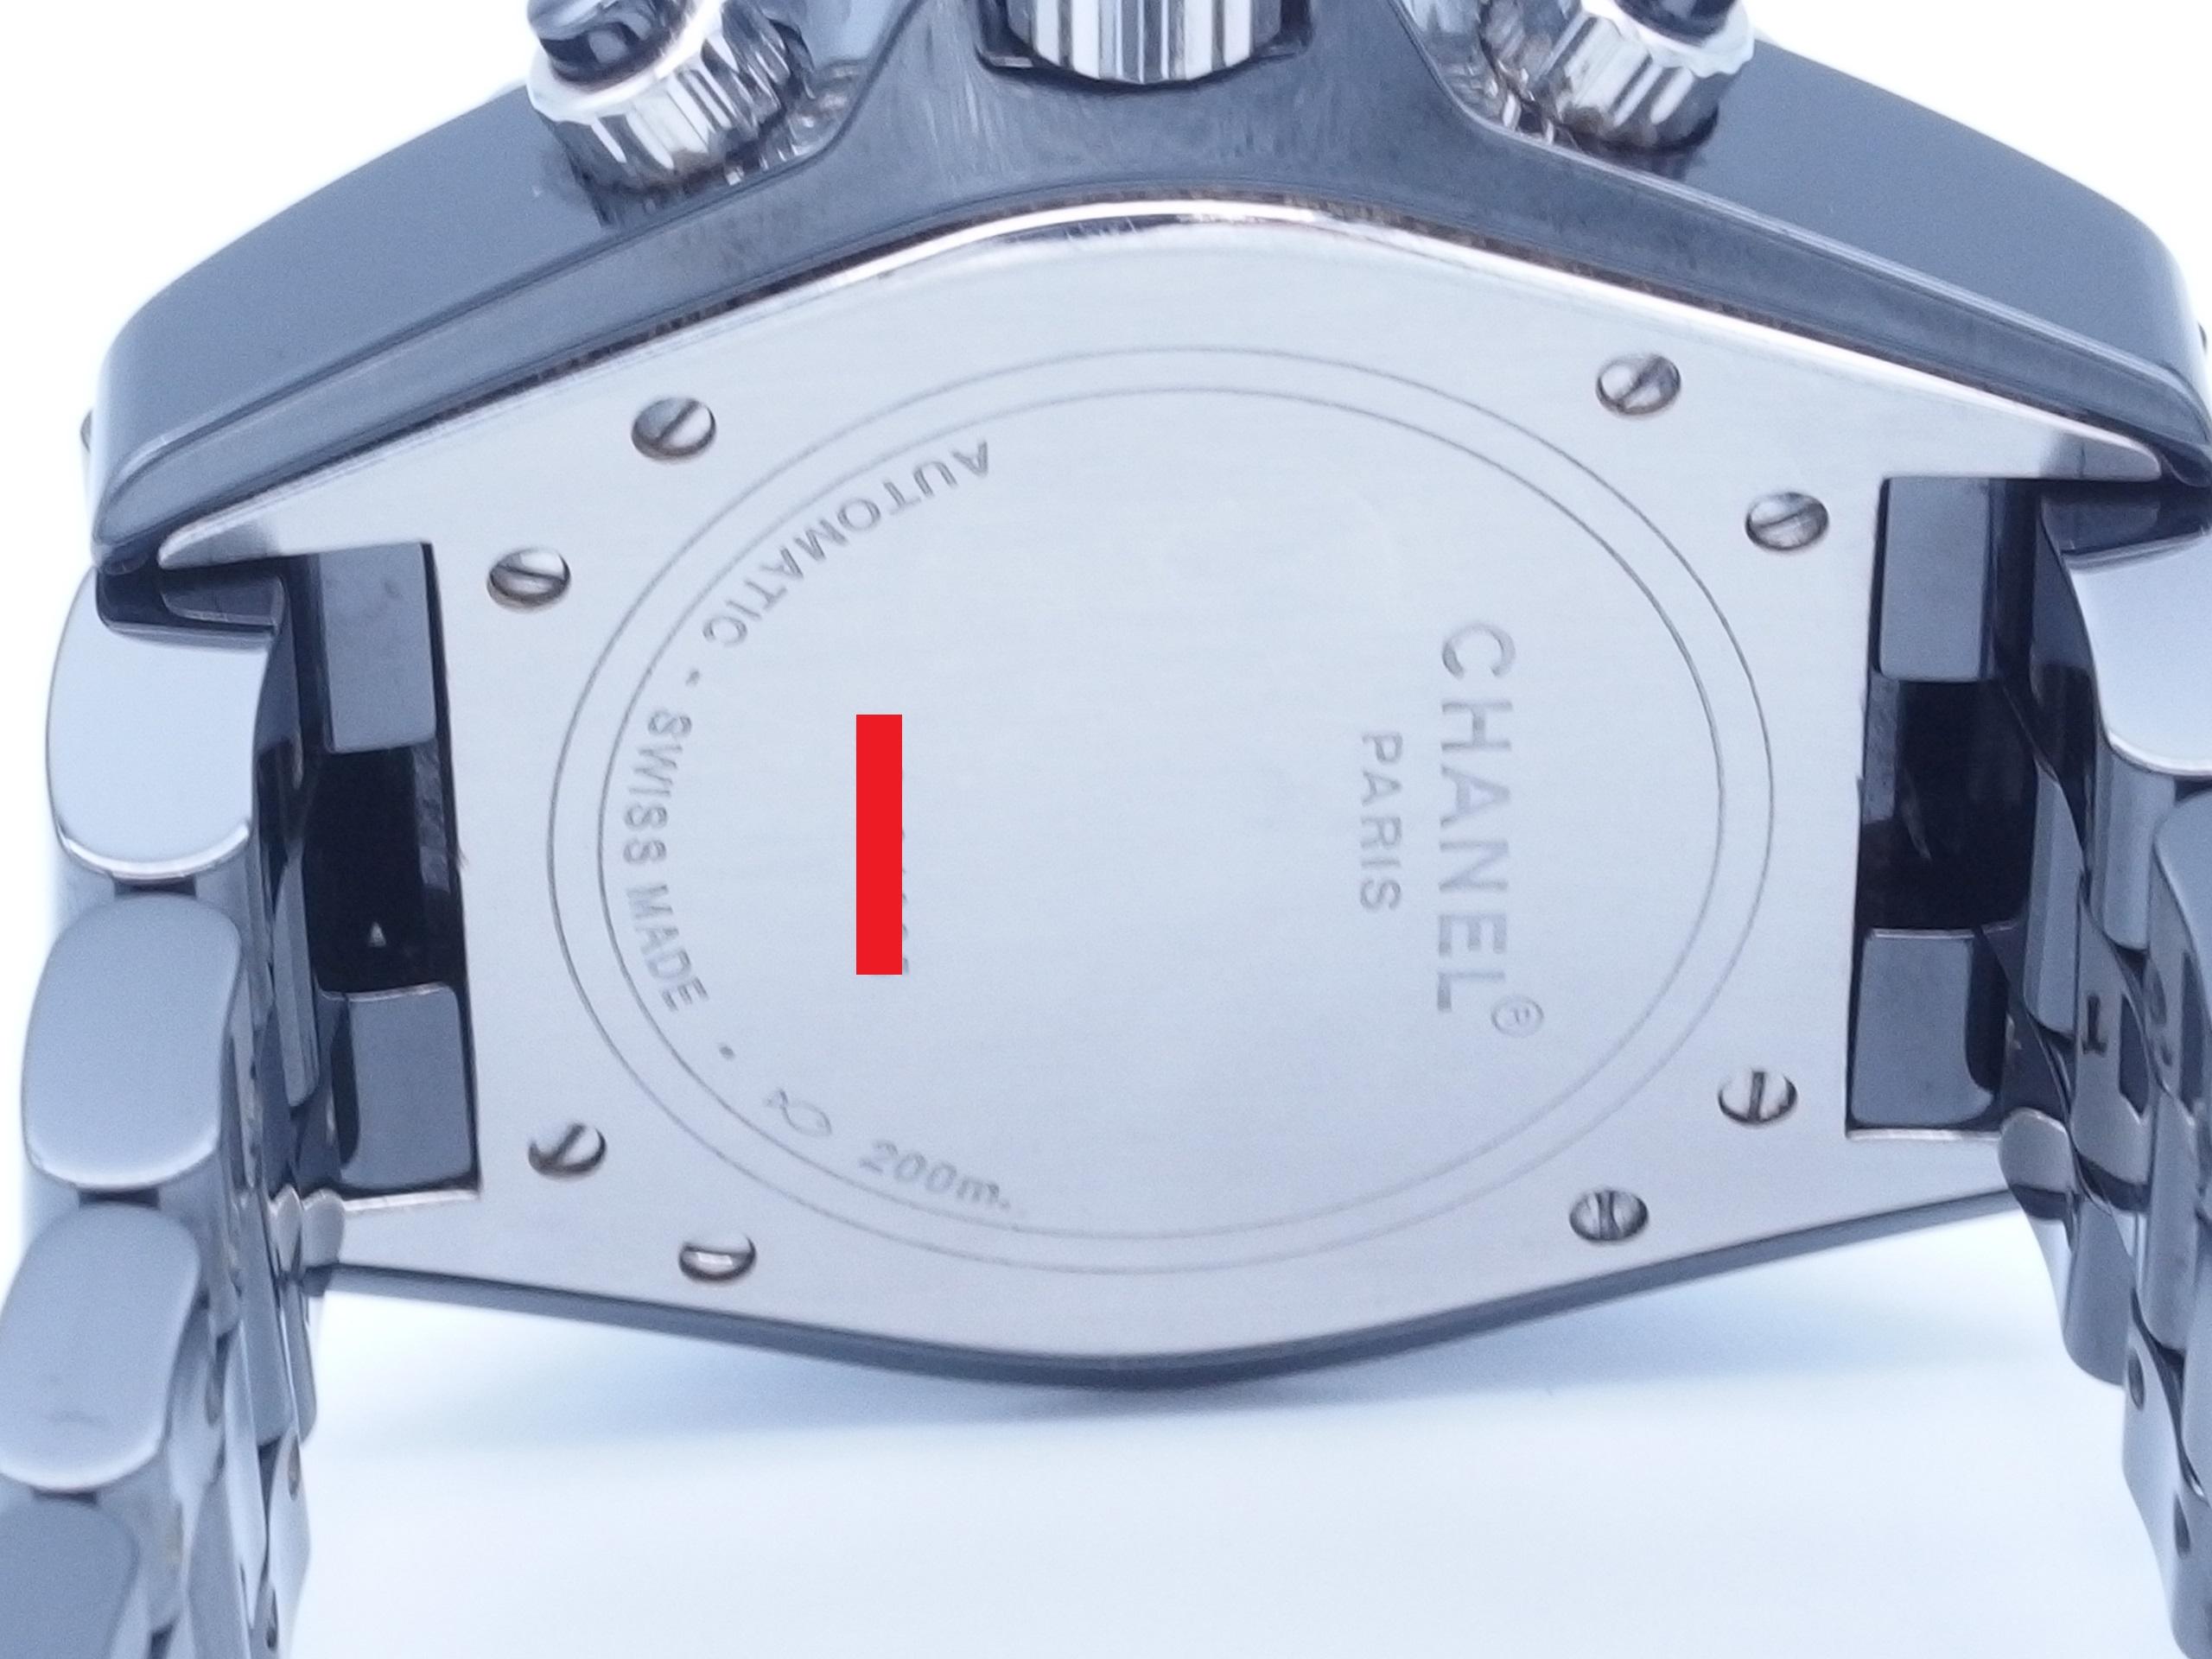 CHANEL シャネル J12 クロノ H0940 CE 自動巻き ブラック【432】 image number 3